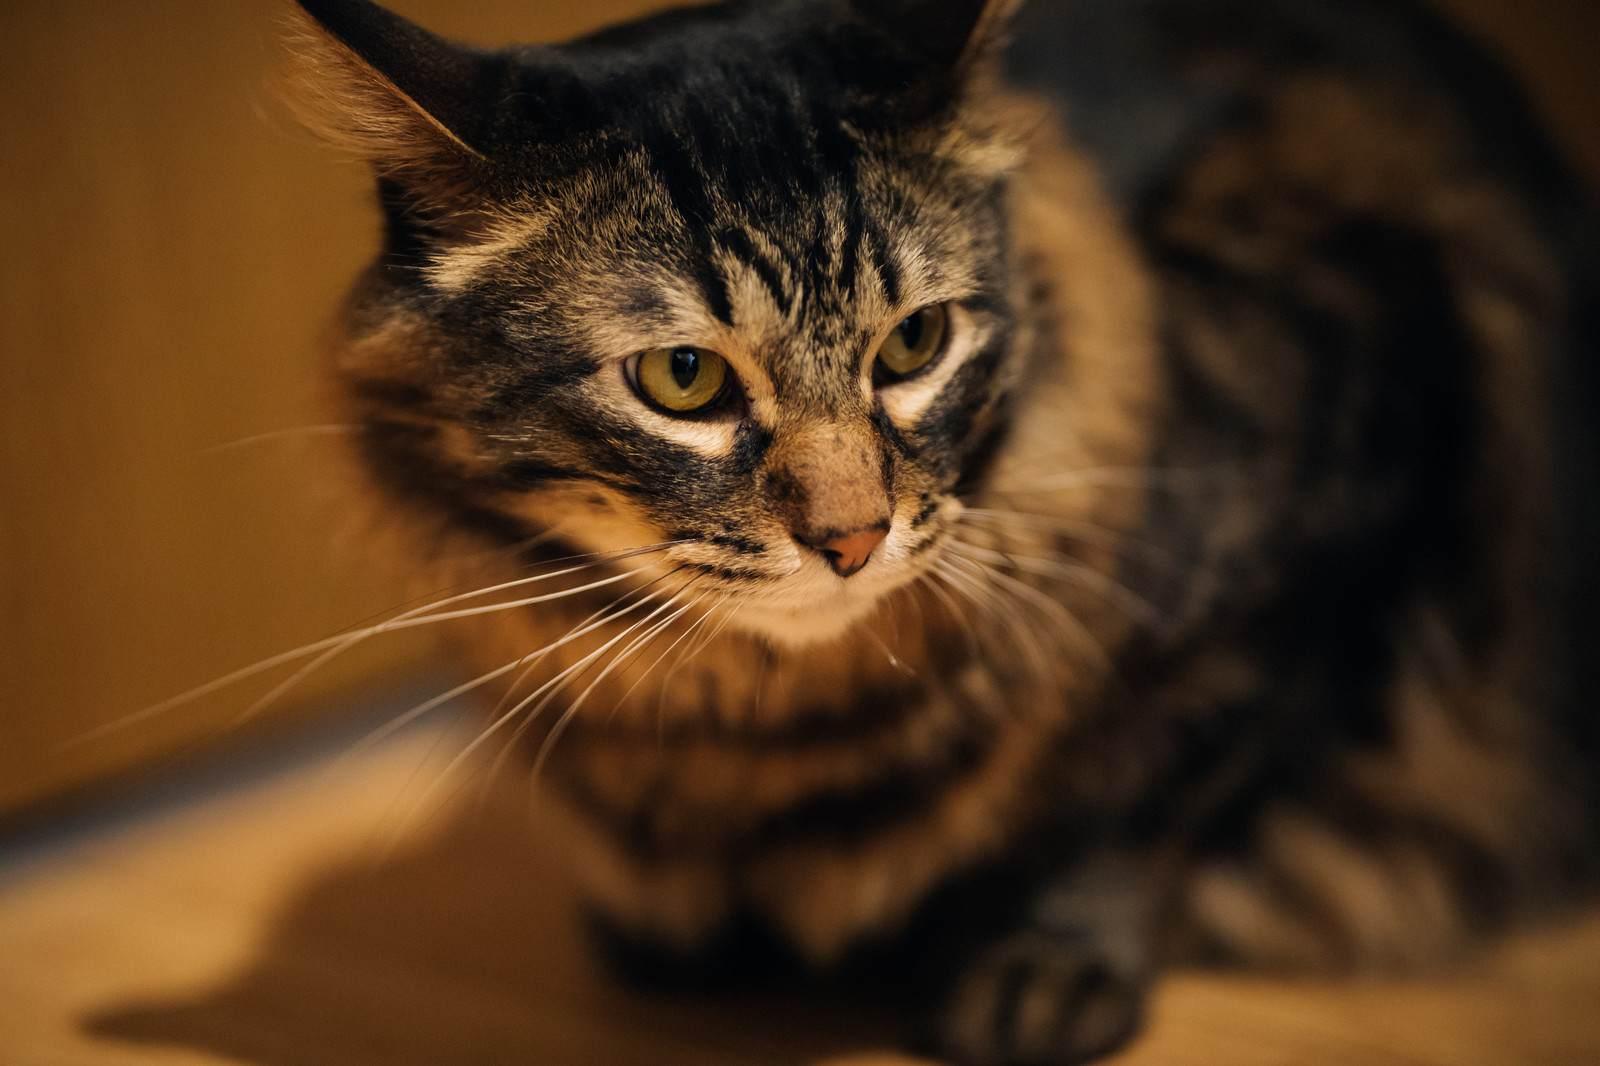 心霊ちょっといい話『お経に聞き入る猫』など短編全10話